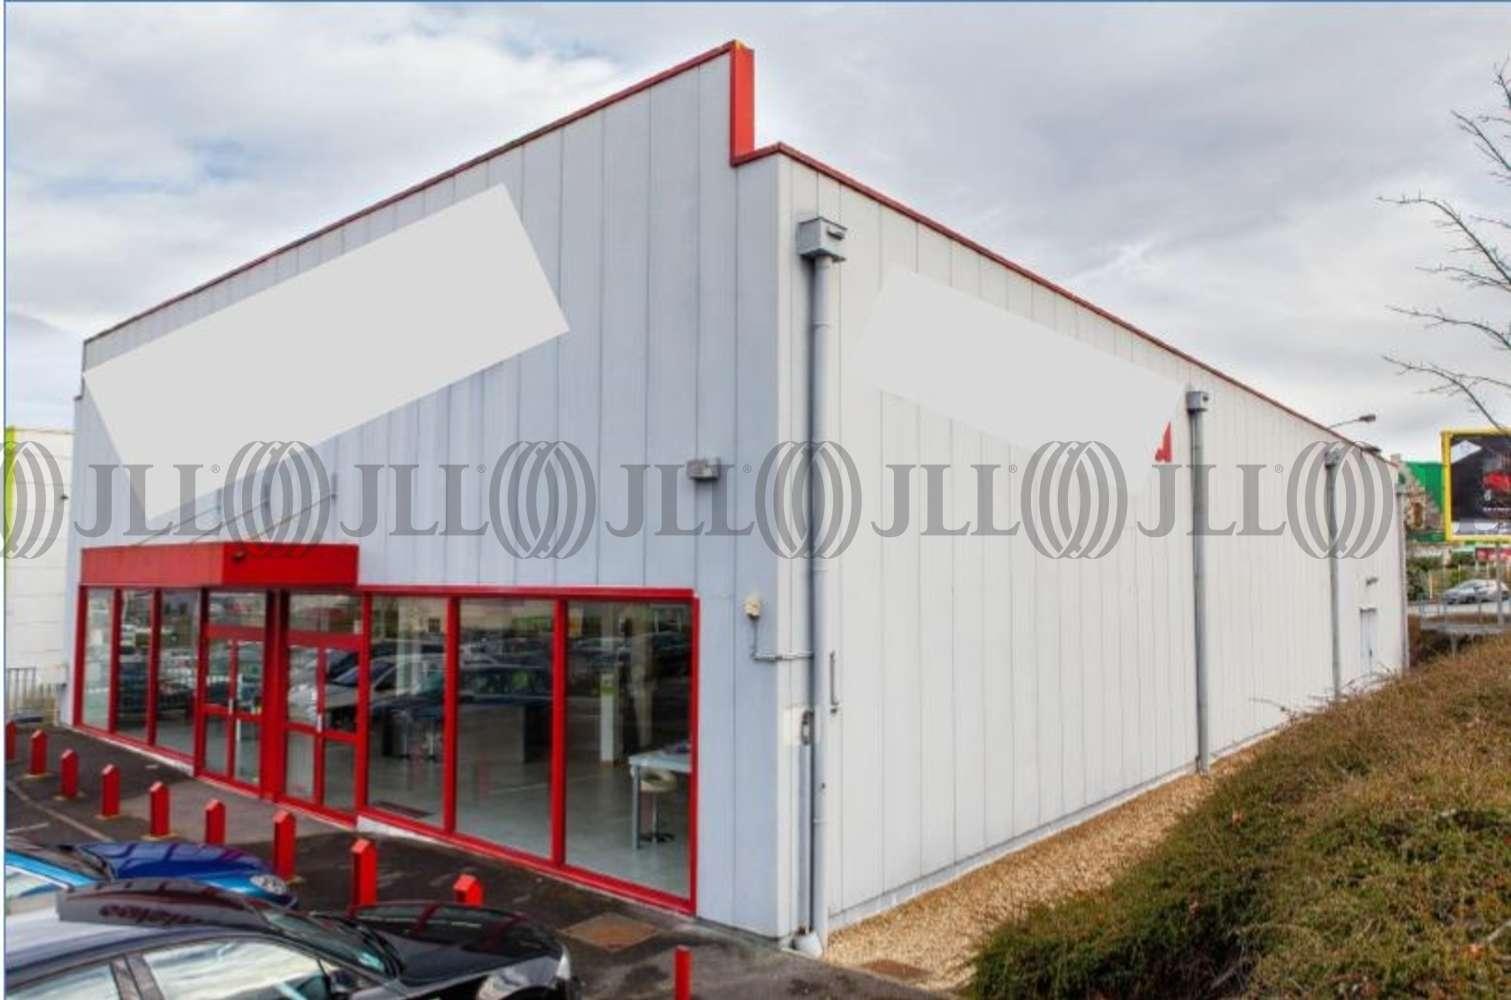 Activités/entrepôt Montlhery, 91310 - ZAC DES GRAVIERS - 9474272